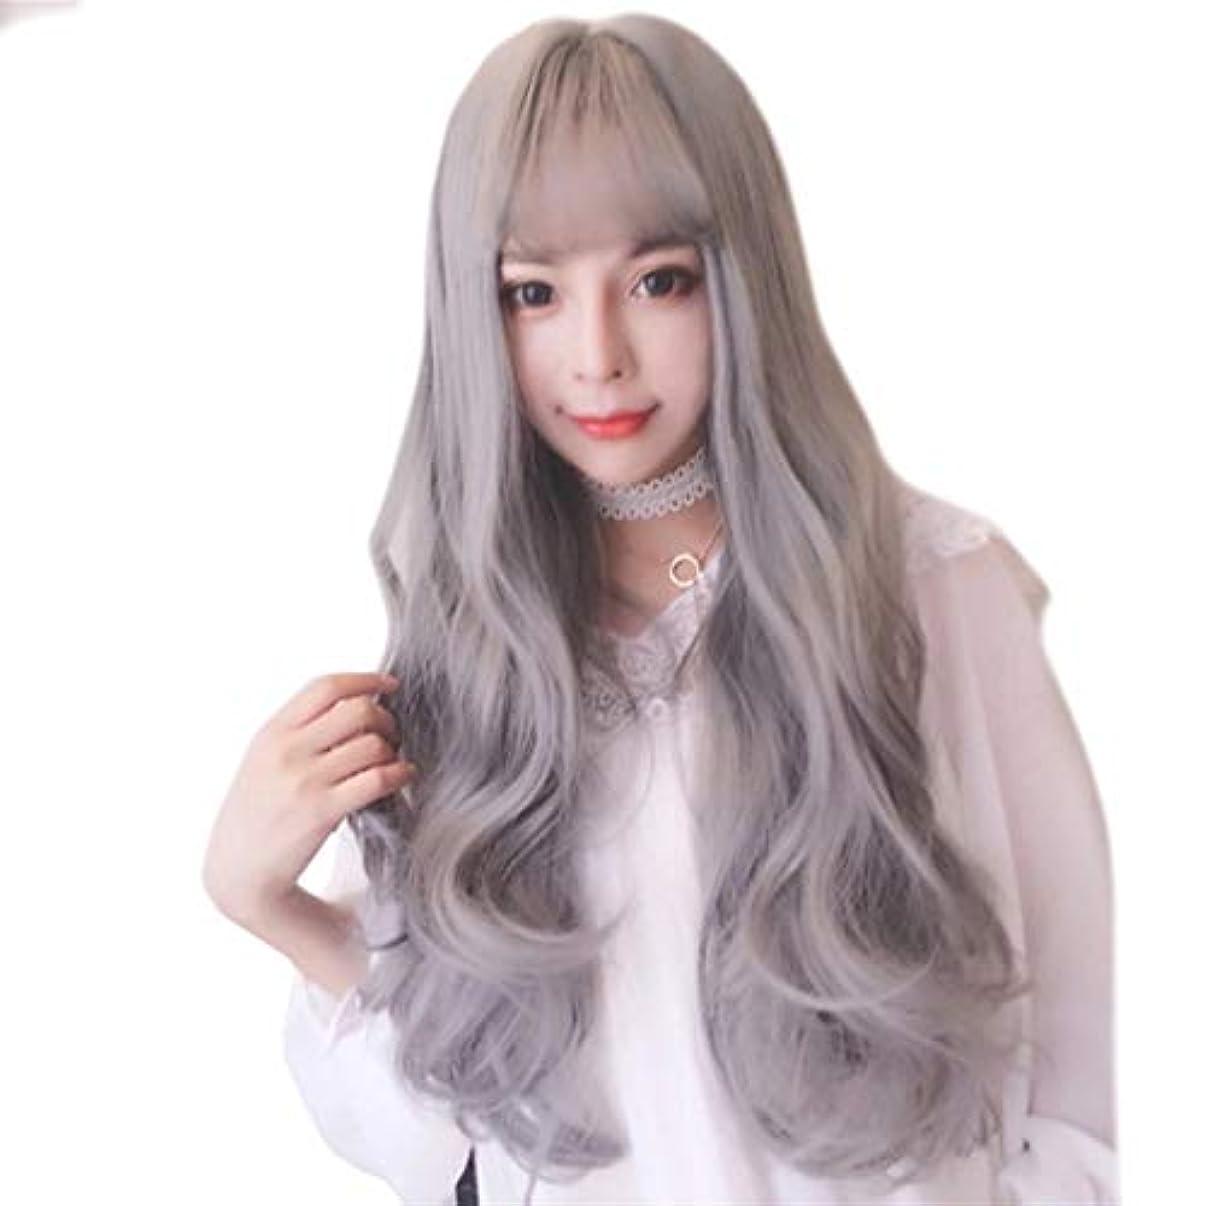 作成者化合物忘れるSummerys 女性の前髪自然な波長い巻き毛の耐熱性合成かつらをかつら